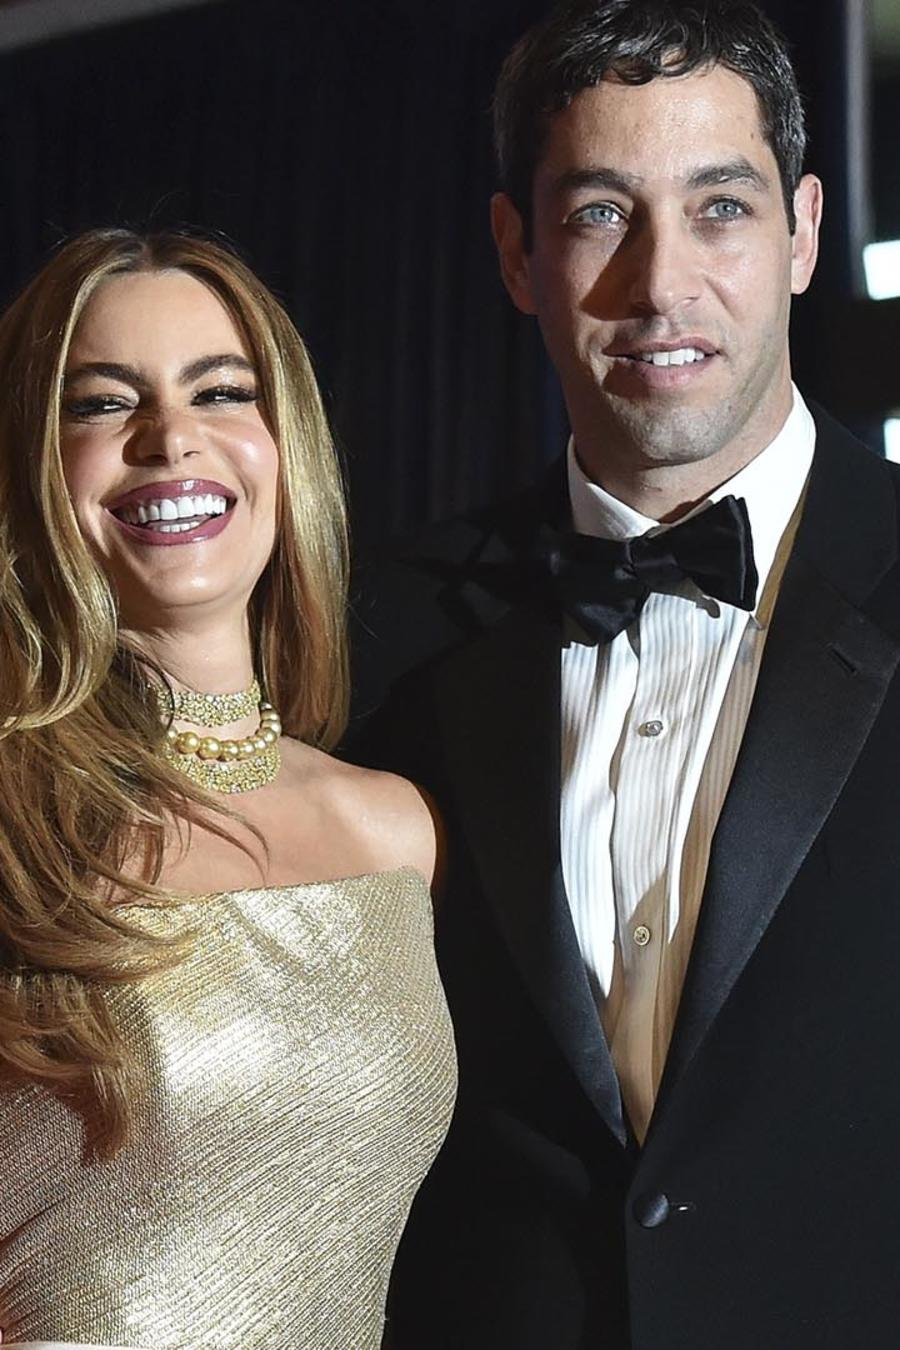 Sofía Vergara y Nick Loeb llegan a la Asociación de Corresponsales de la Casa Blanca